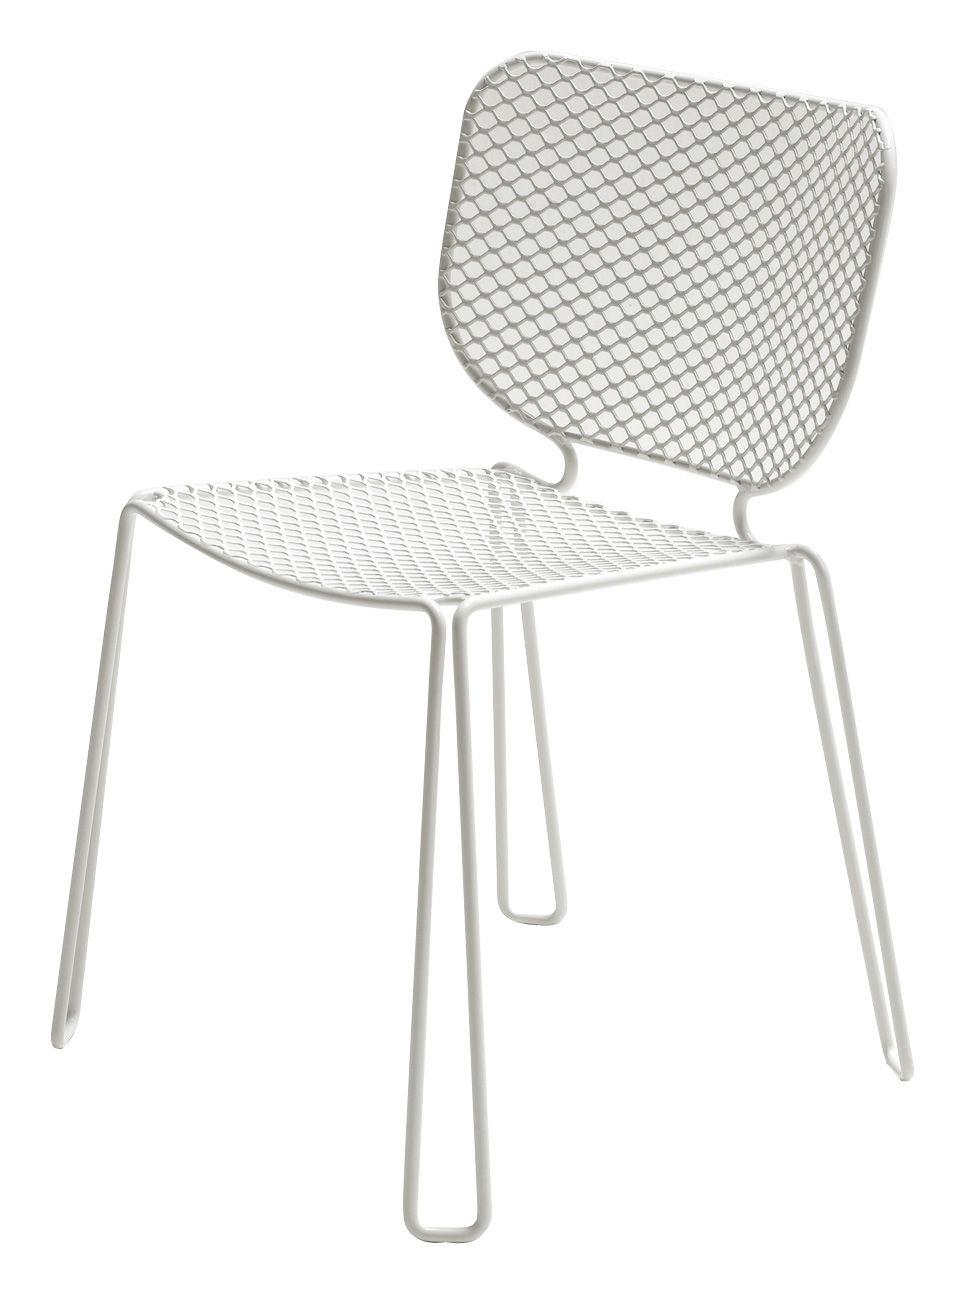 Möbel - Stühle  - Ivy Stapelbarer Stuhl - Emu - Weiß - Stahl